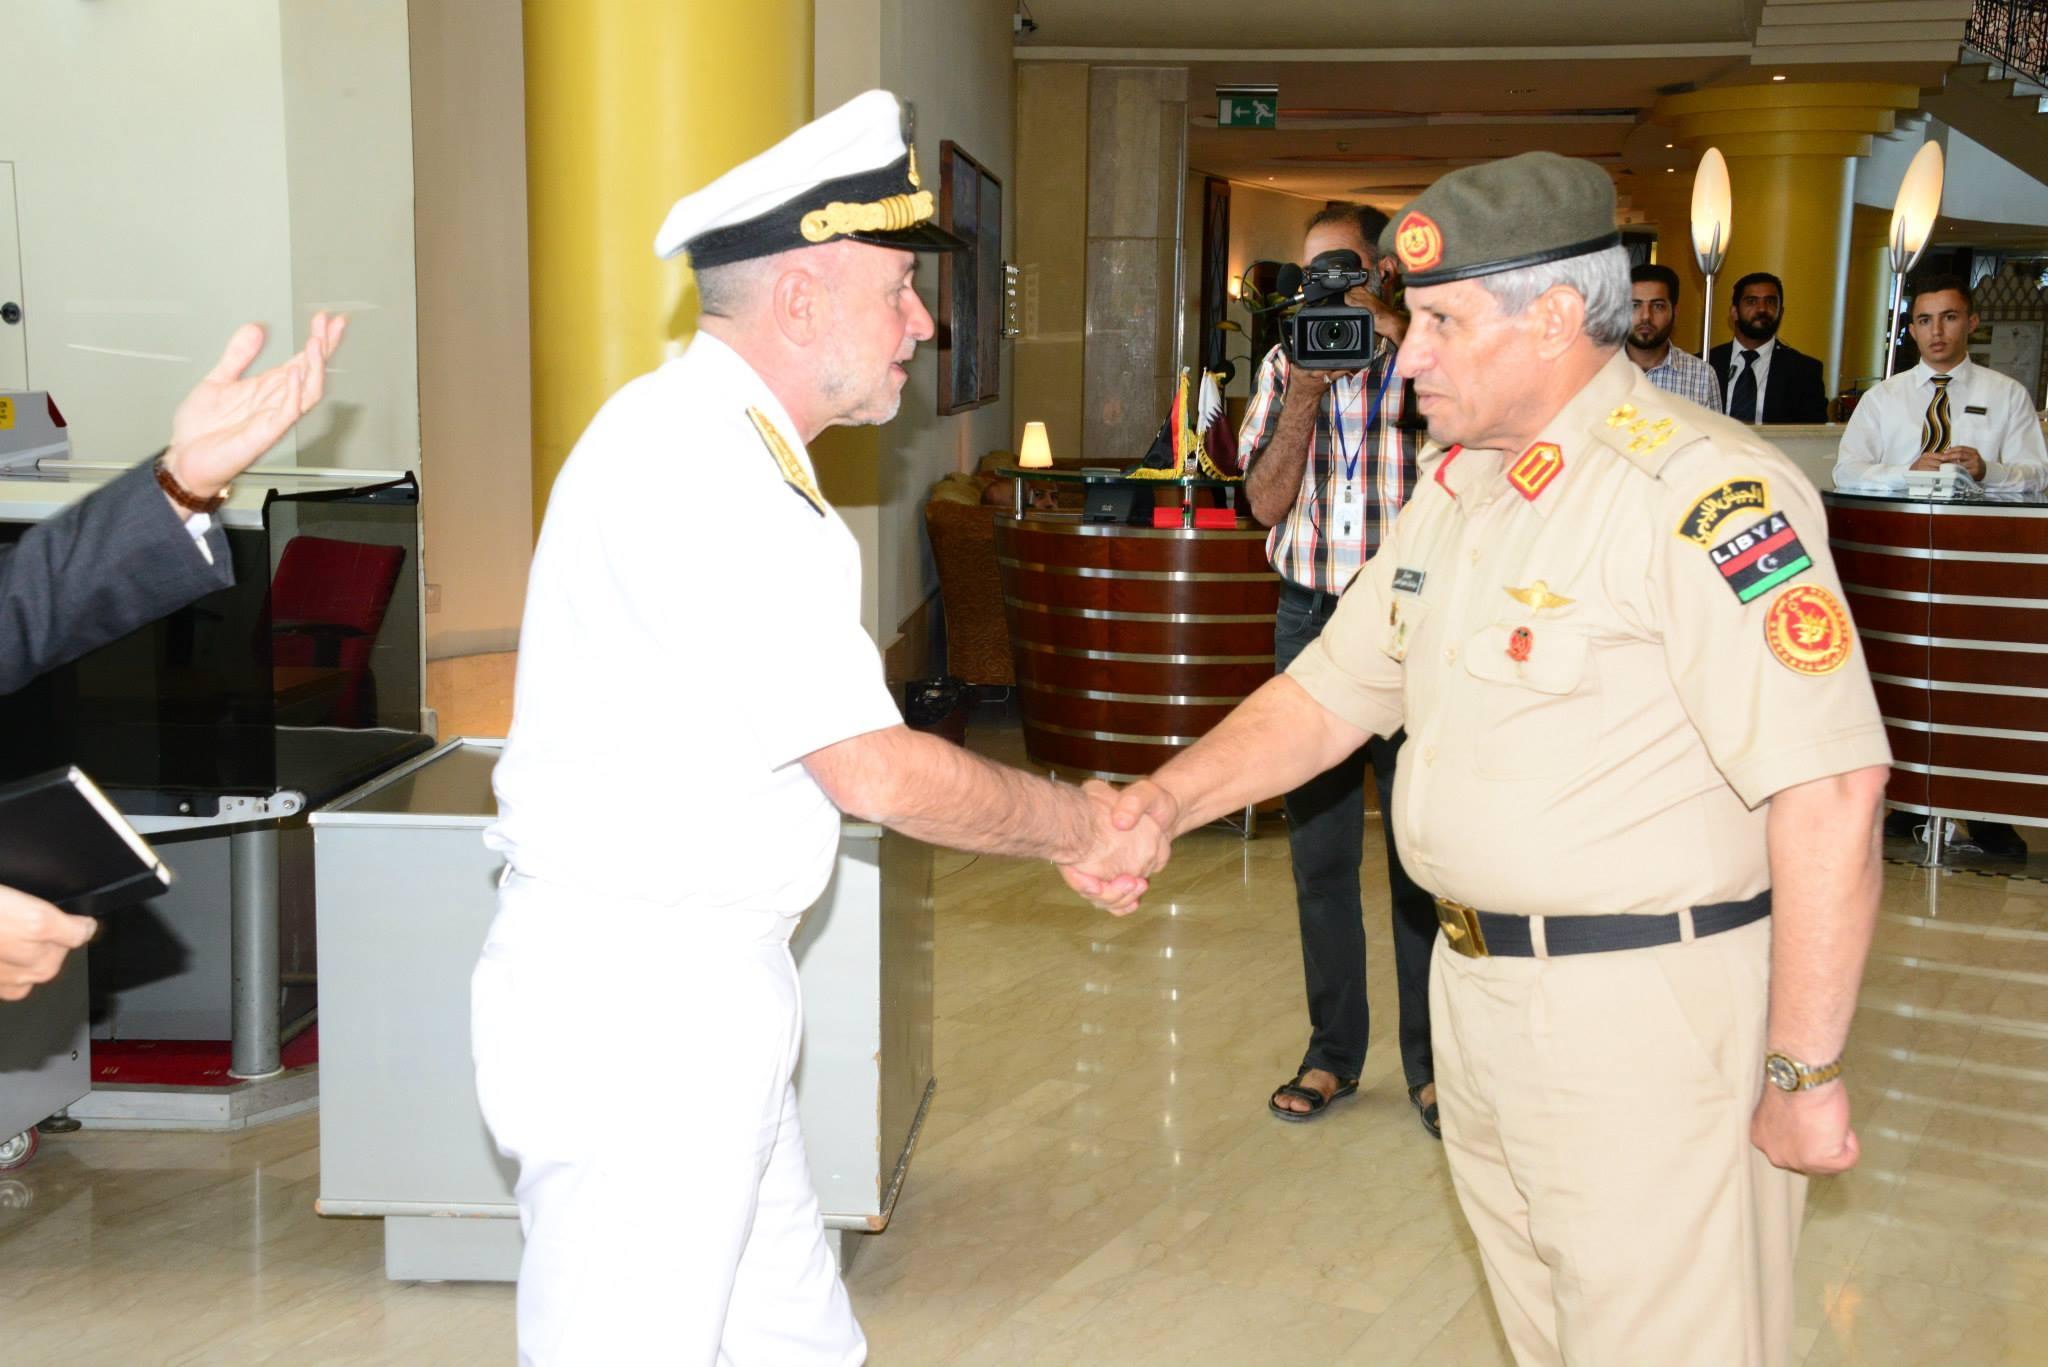 إطلاق سراح نجل وزير الدفاع الليبي بعد 5 أشهر على اختطافه